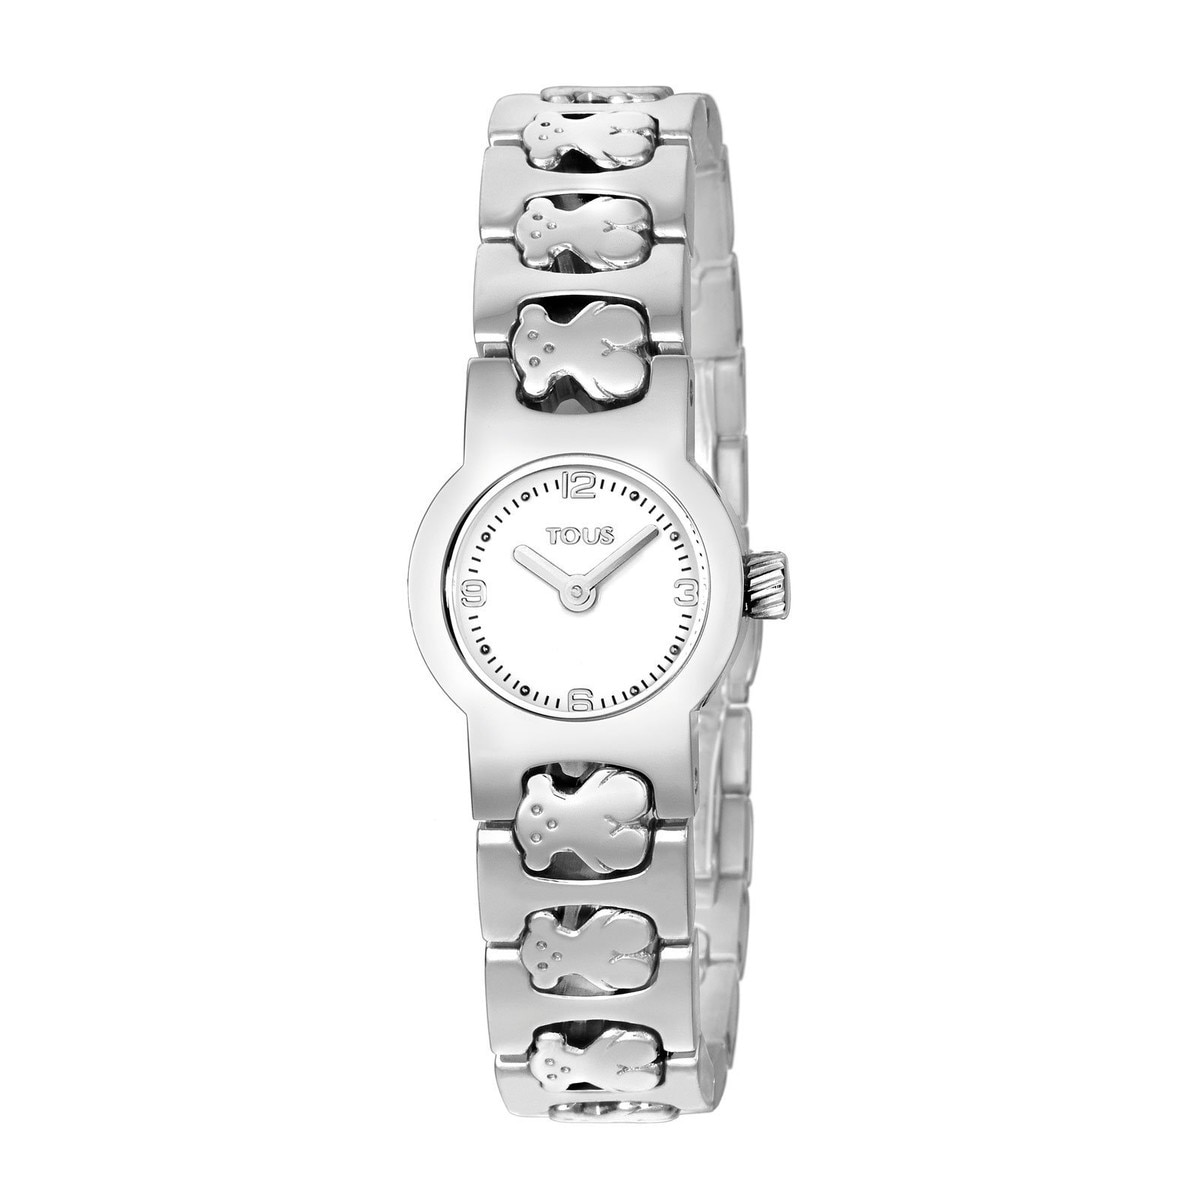 Steel Praga Round Watch